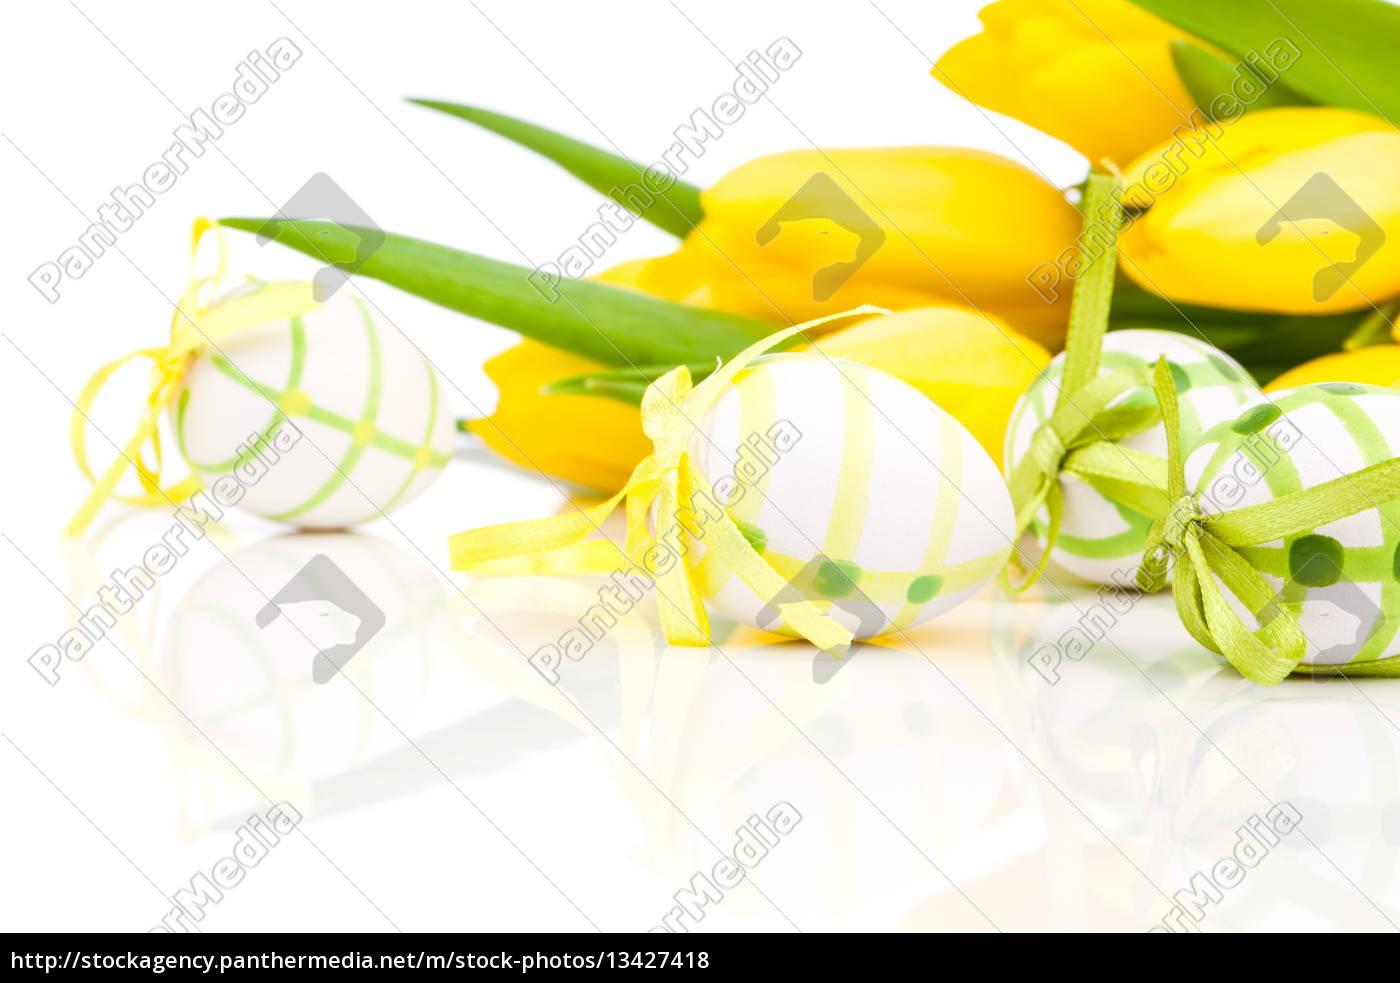 easter, eggs - 13427418